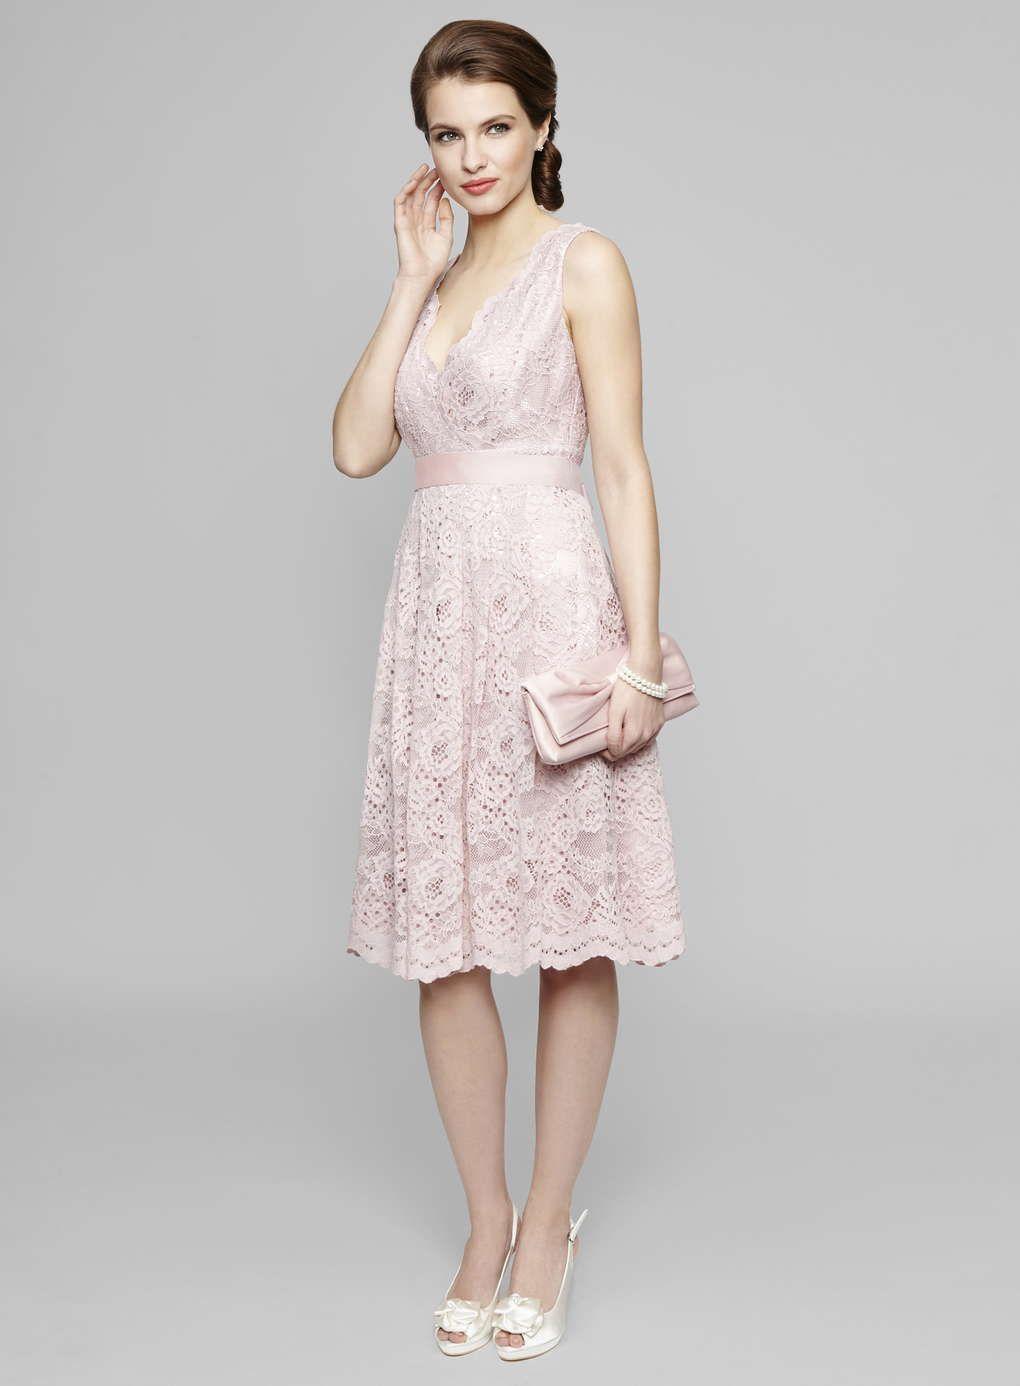 Soft pink lottie lace bridesmaids dress httpweddingheart soft pink lottie lace bridesmaids dress httpweddingheart ombrellifo Choice Image